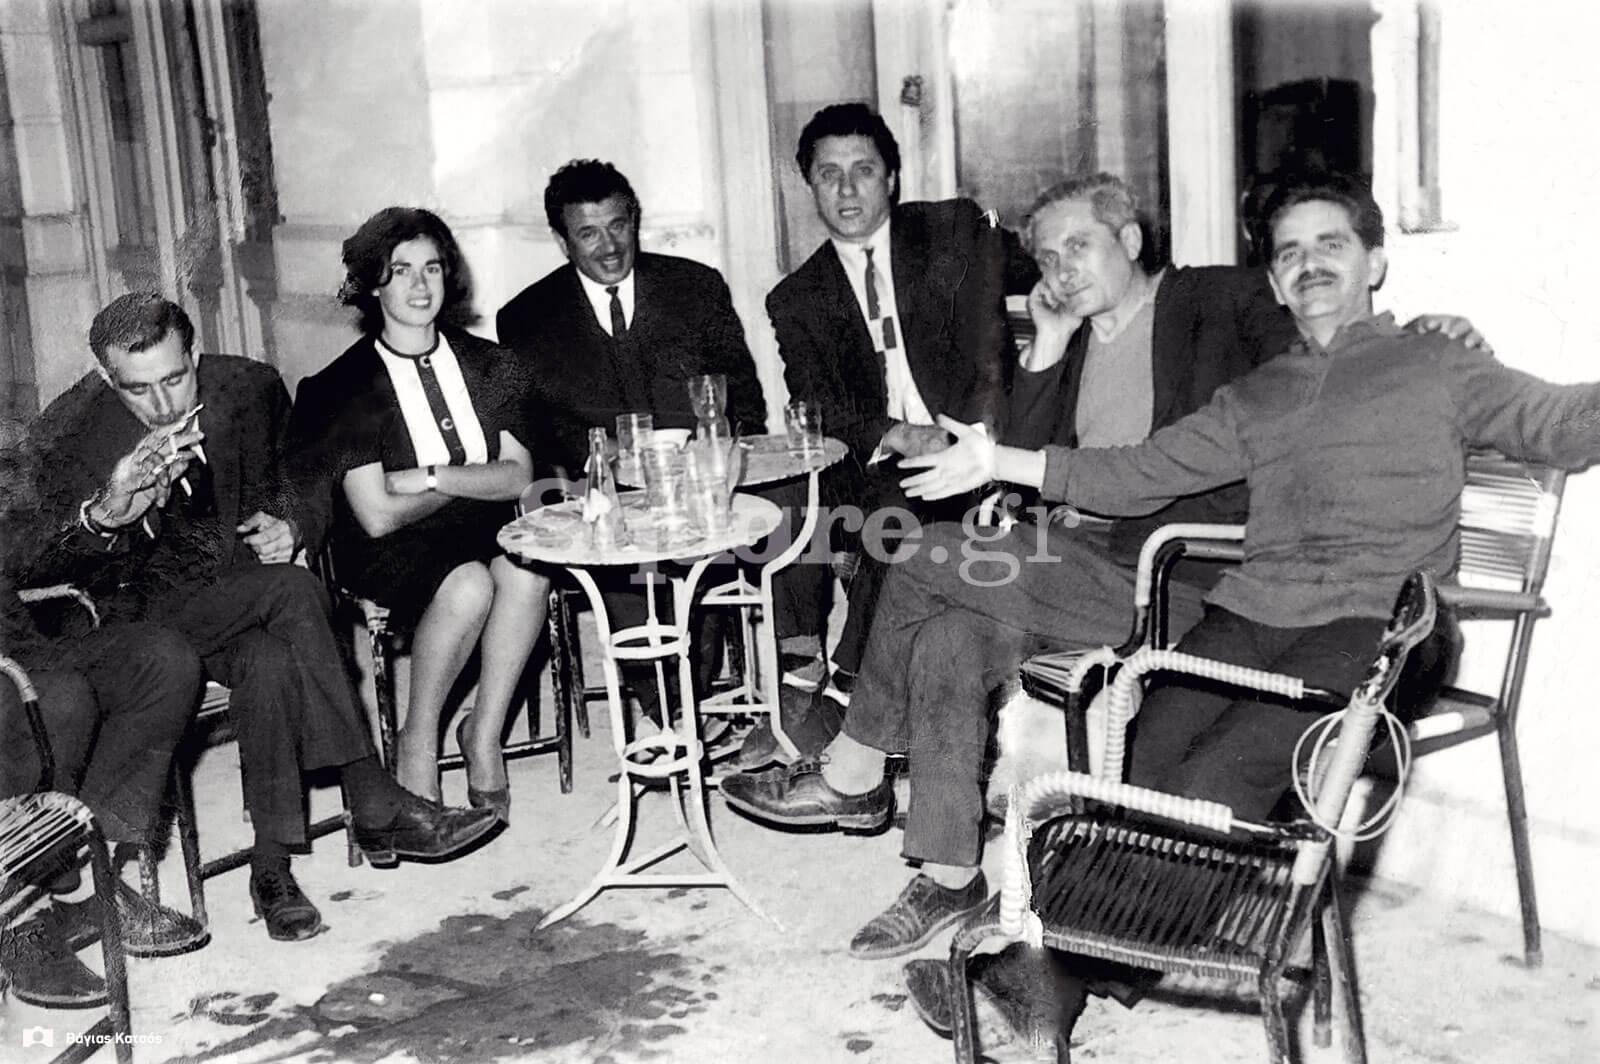 2-Ο-κυρ-Μανώλης-(πρώτος-από-αριστερά)-στο-µαγαζί-του